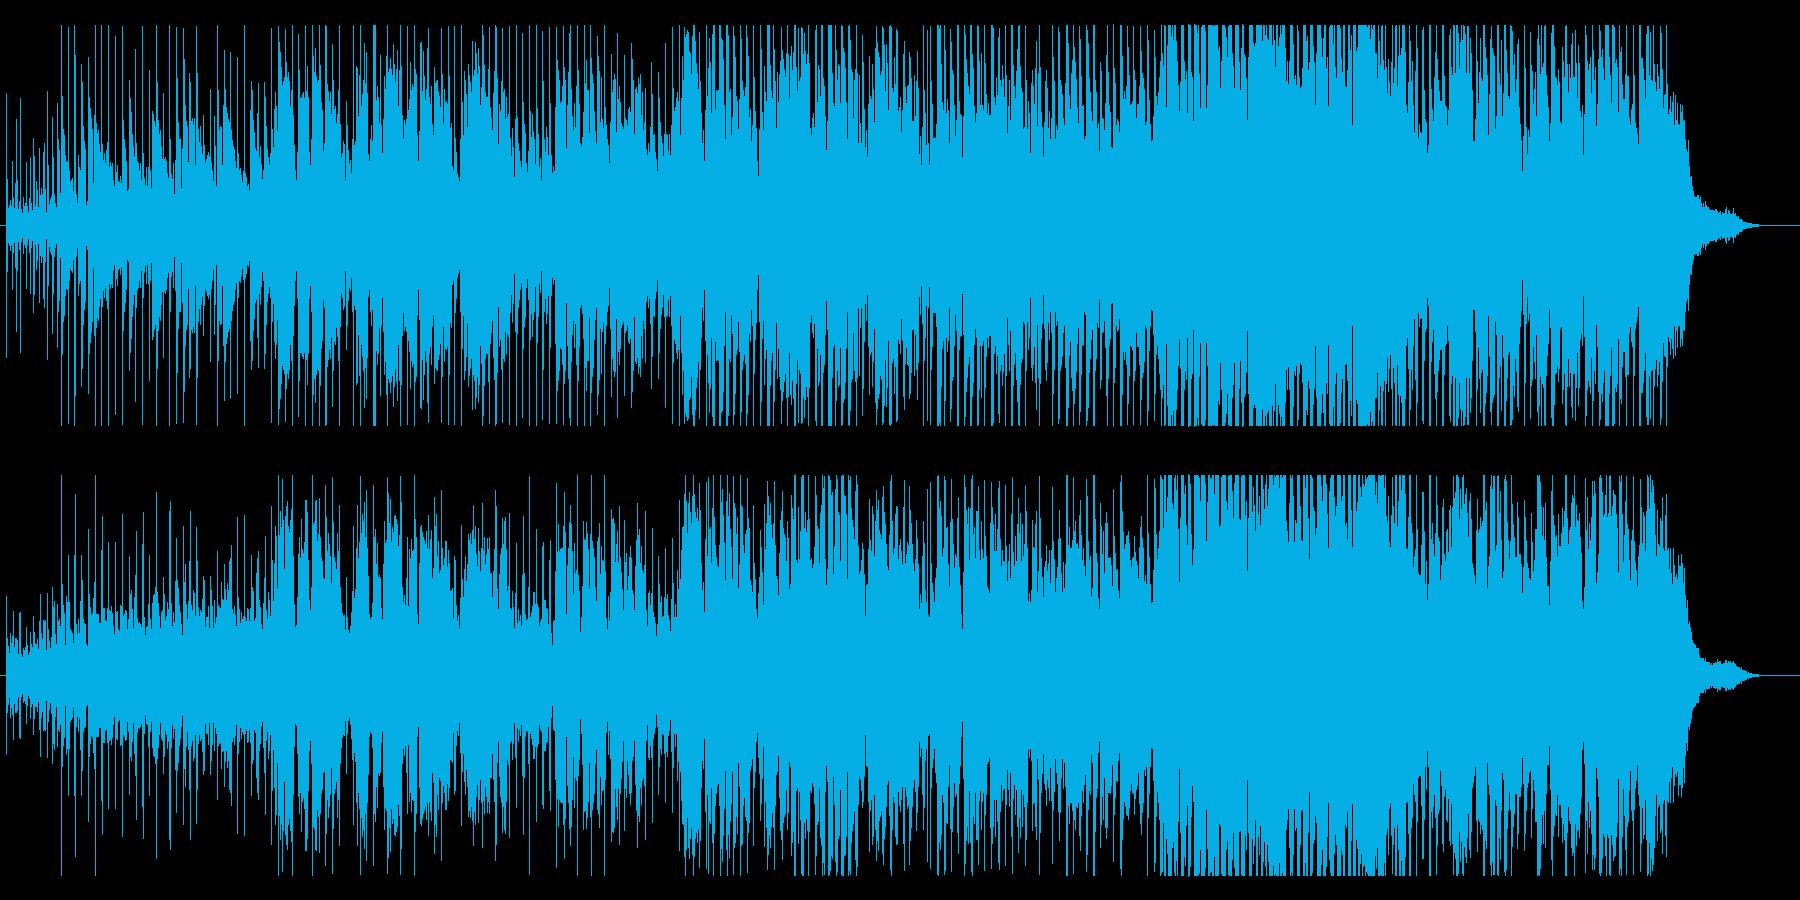 kachaの再生済みの波形